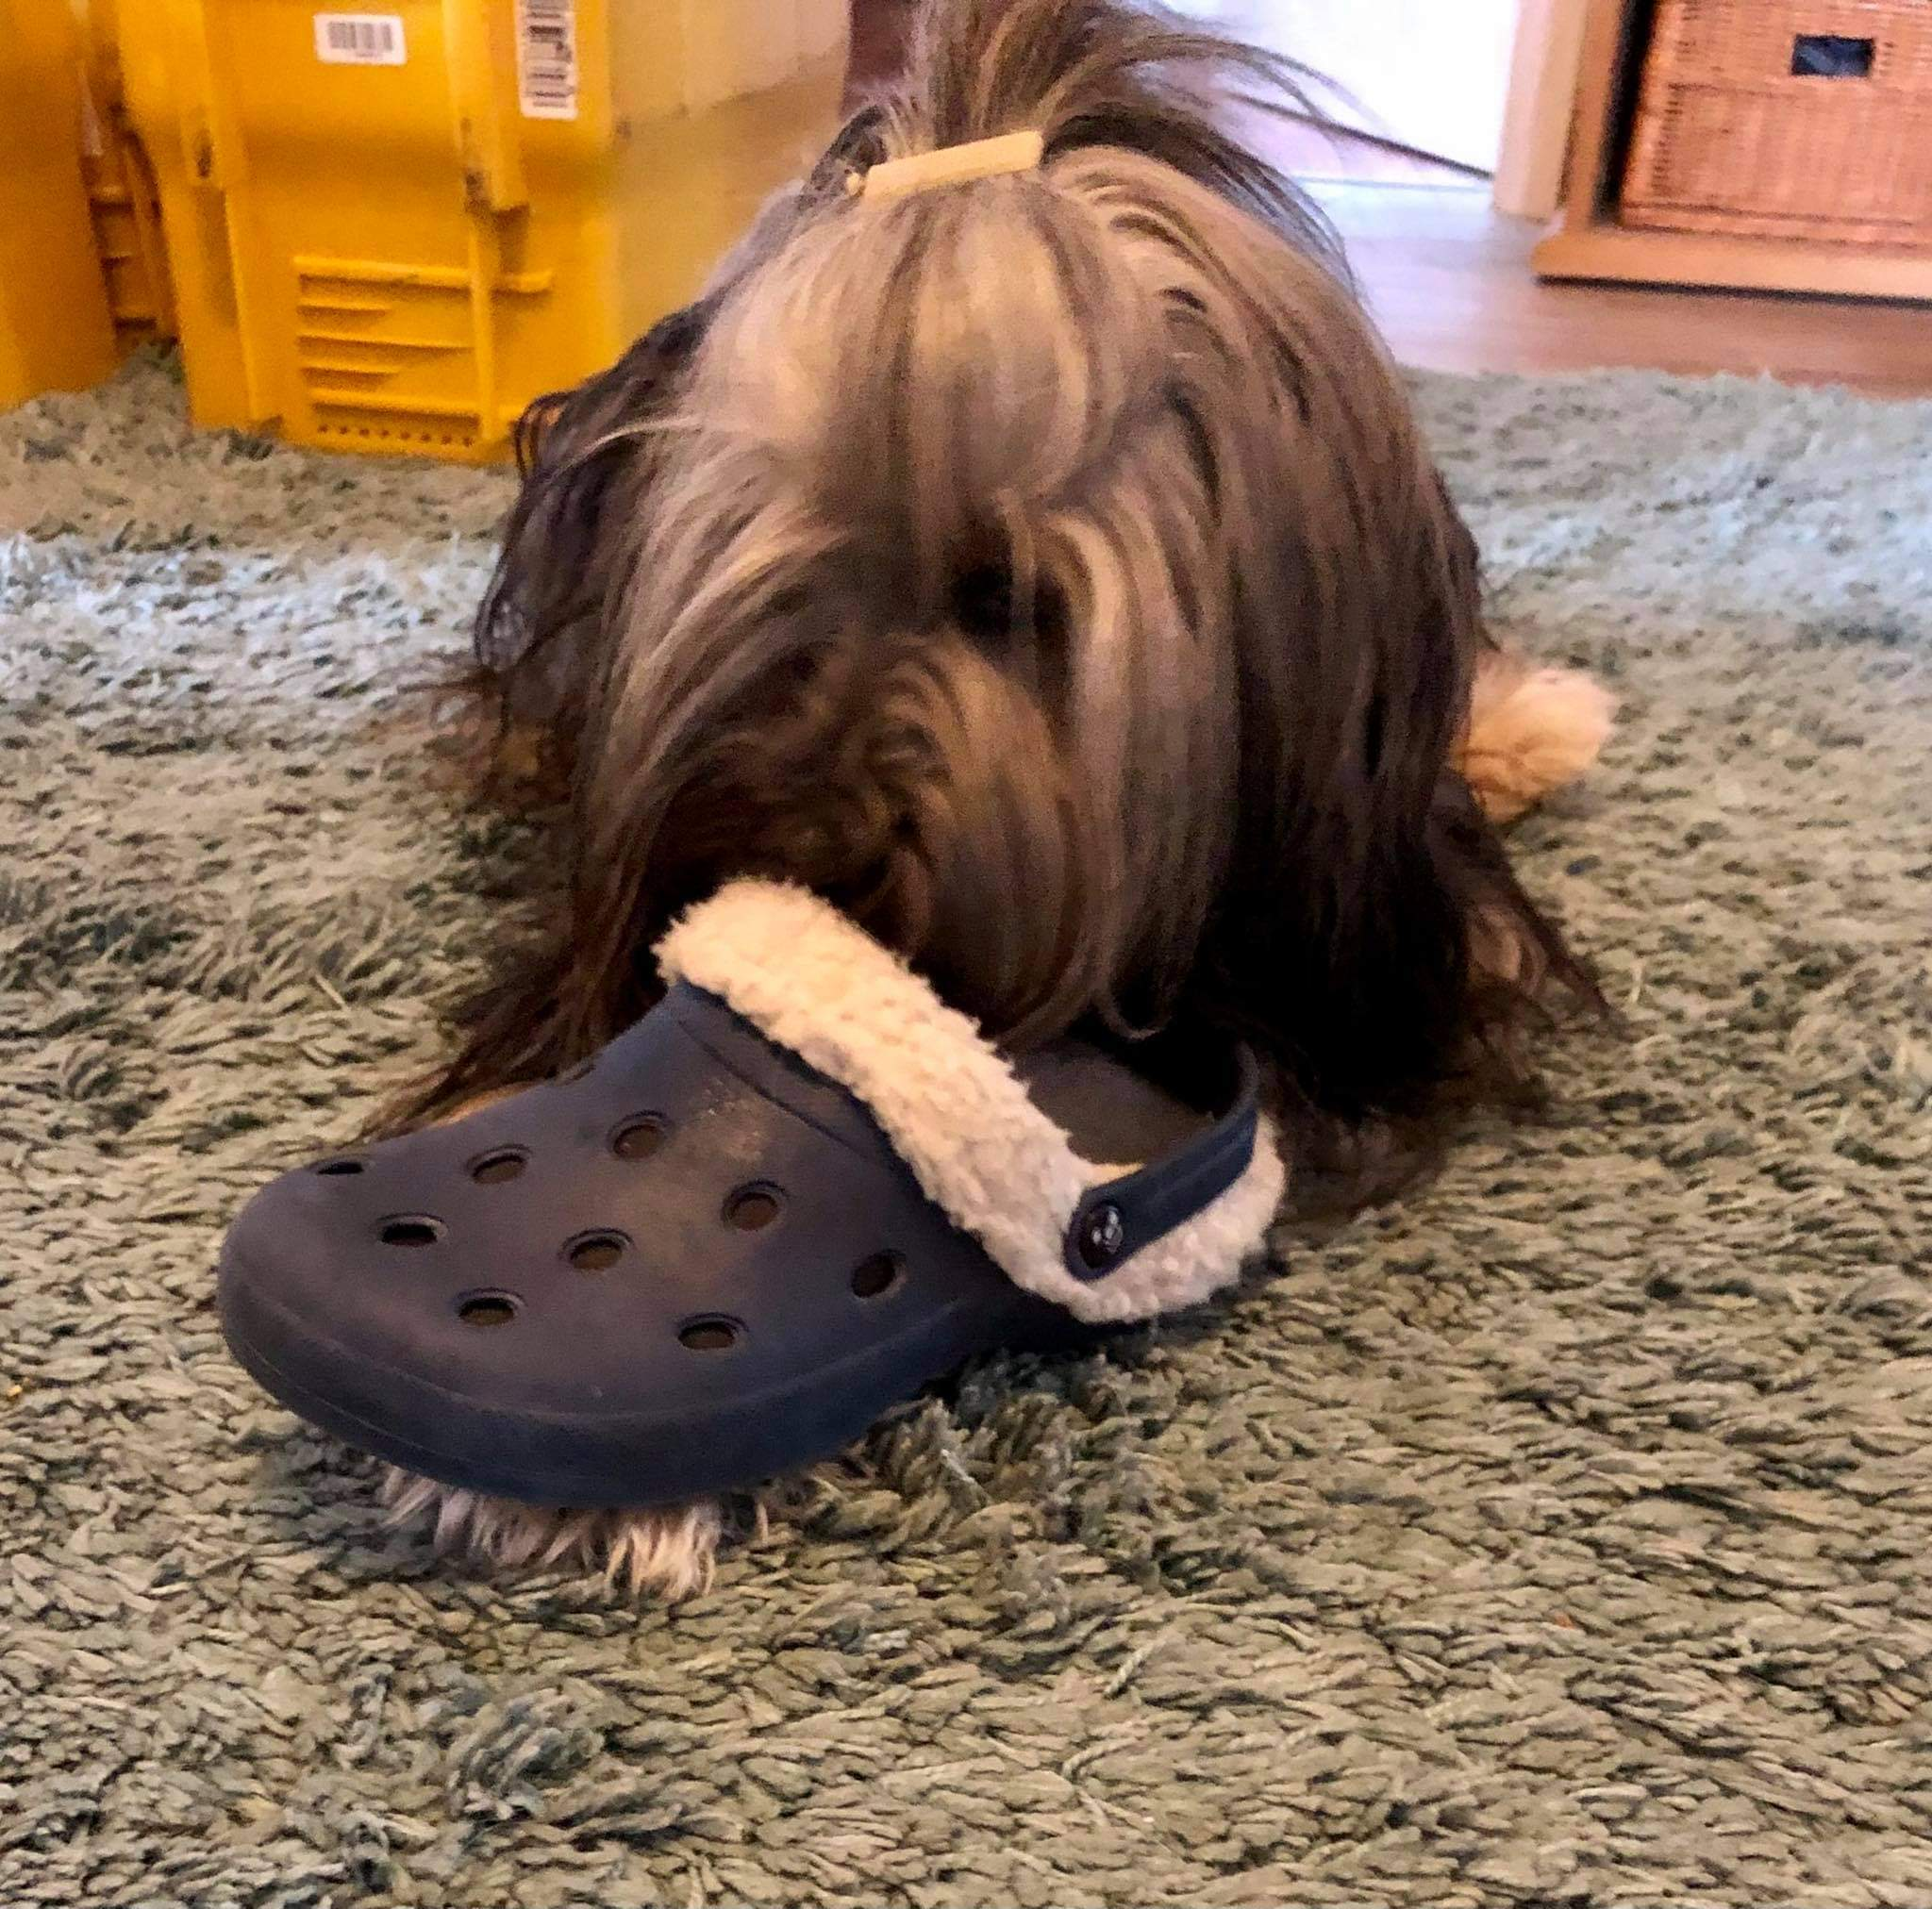 Schuhe klauen